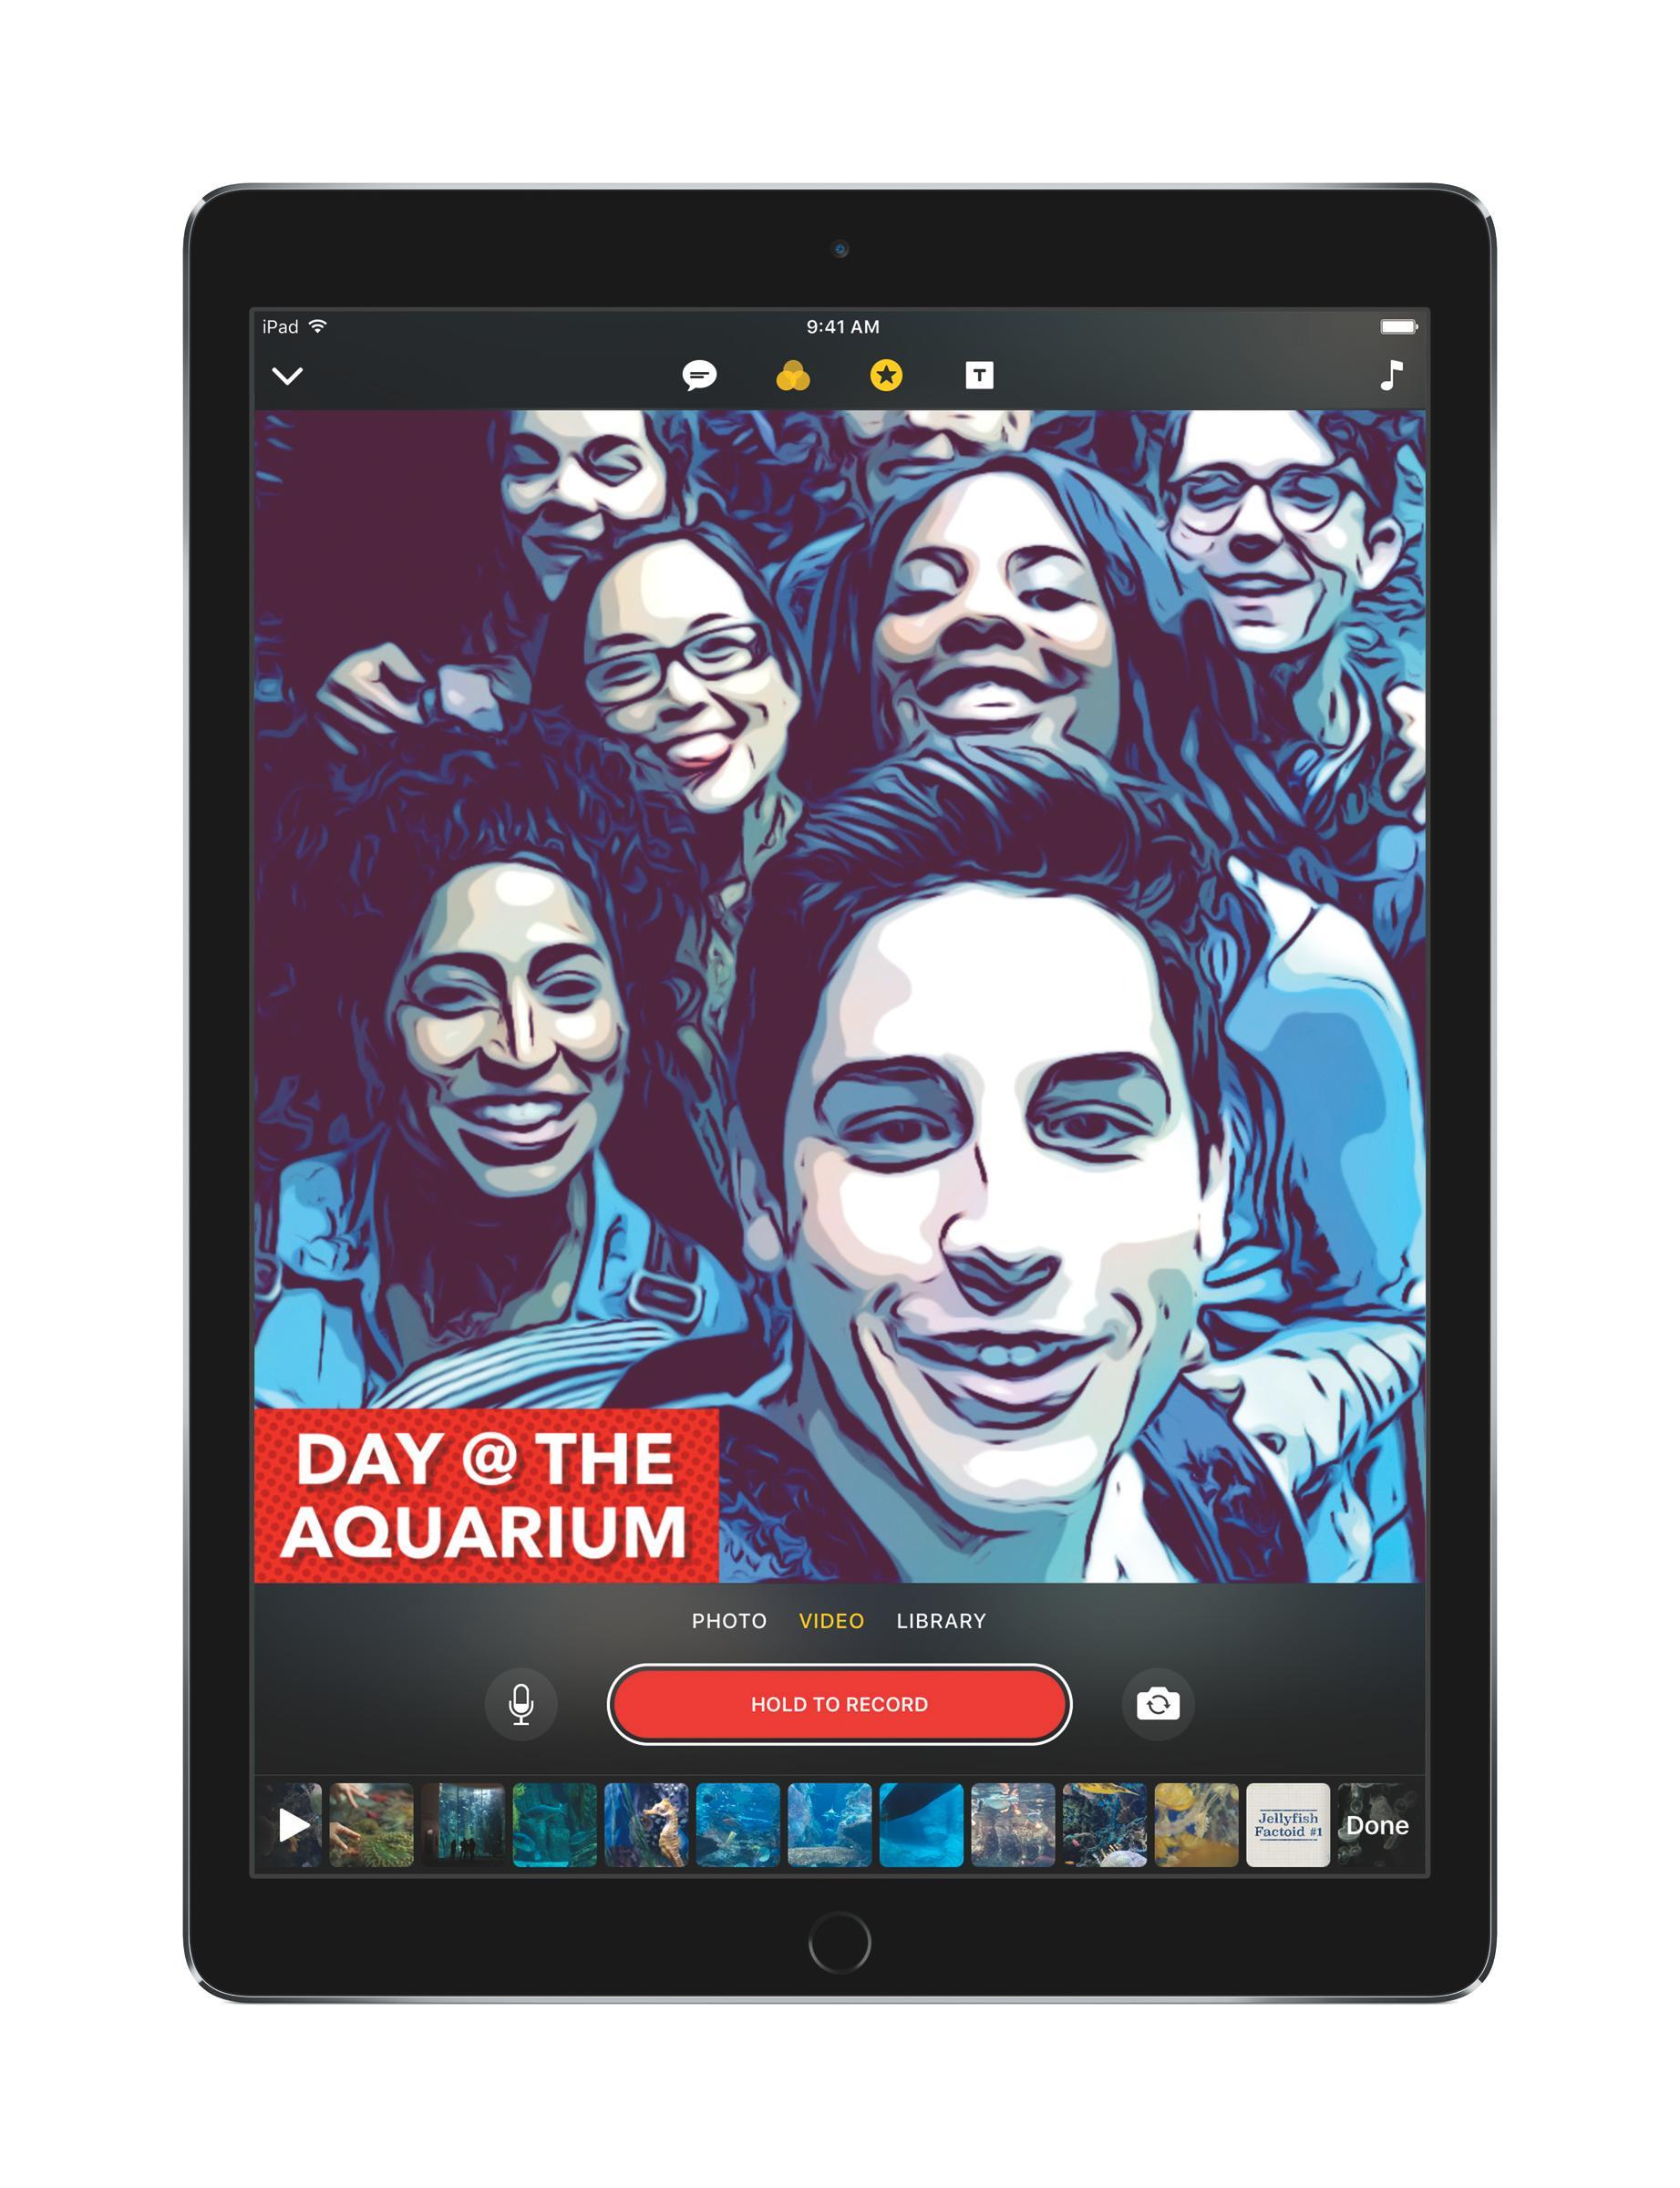 Den nye Clips-appen vil nok kunne sette sitt spor på Instagram og Facebook fremover.